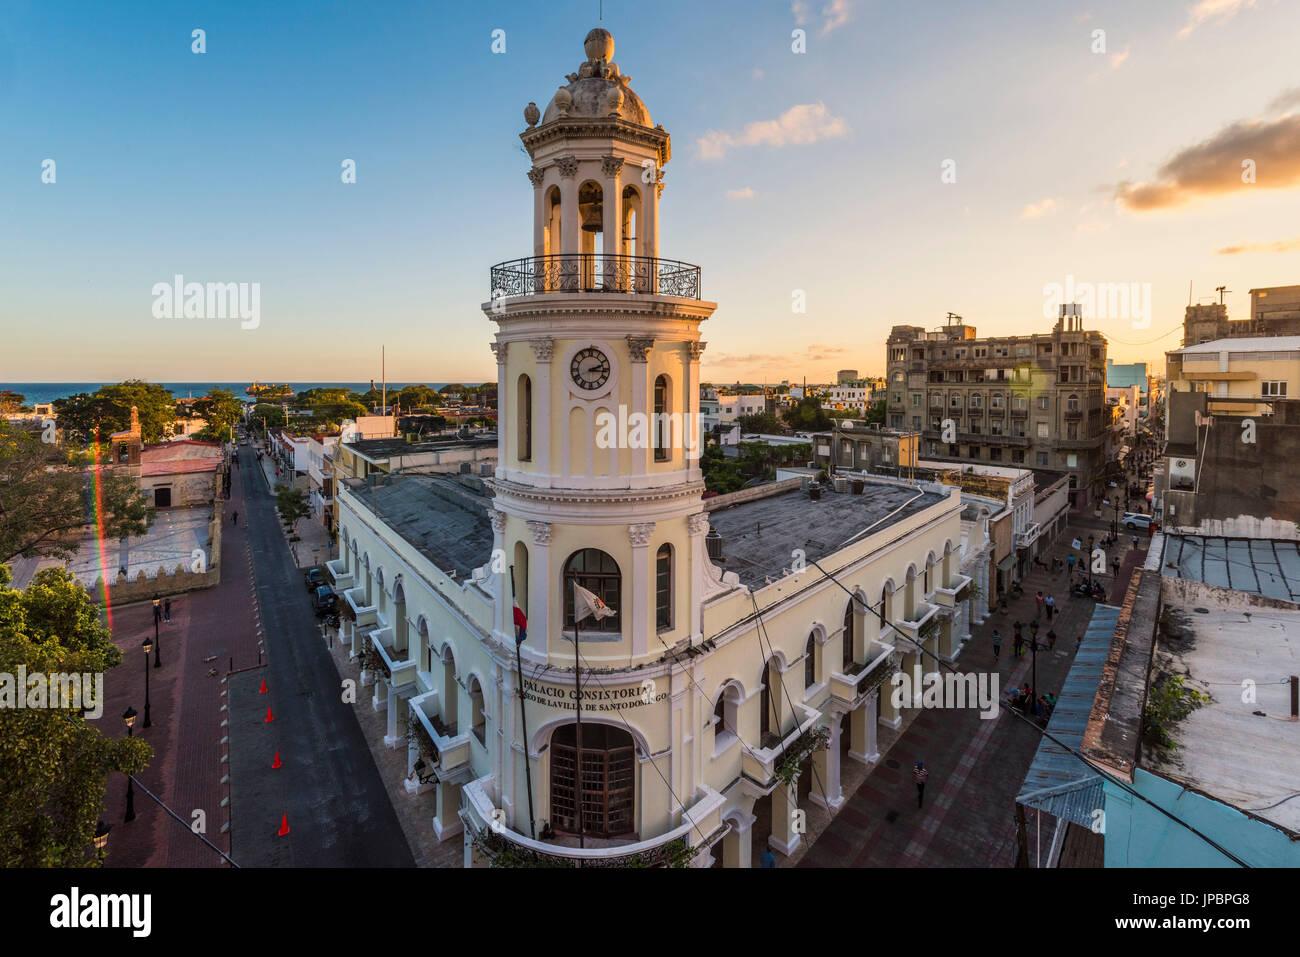 Il Colonial (Ciudad Colonial), Santo Domingo, Repubblica Dominicana. Le architetture coloniali del Palacio concistoriali. Immagini Stock